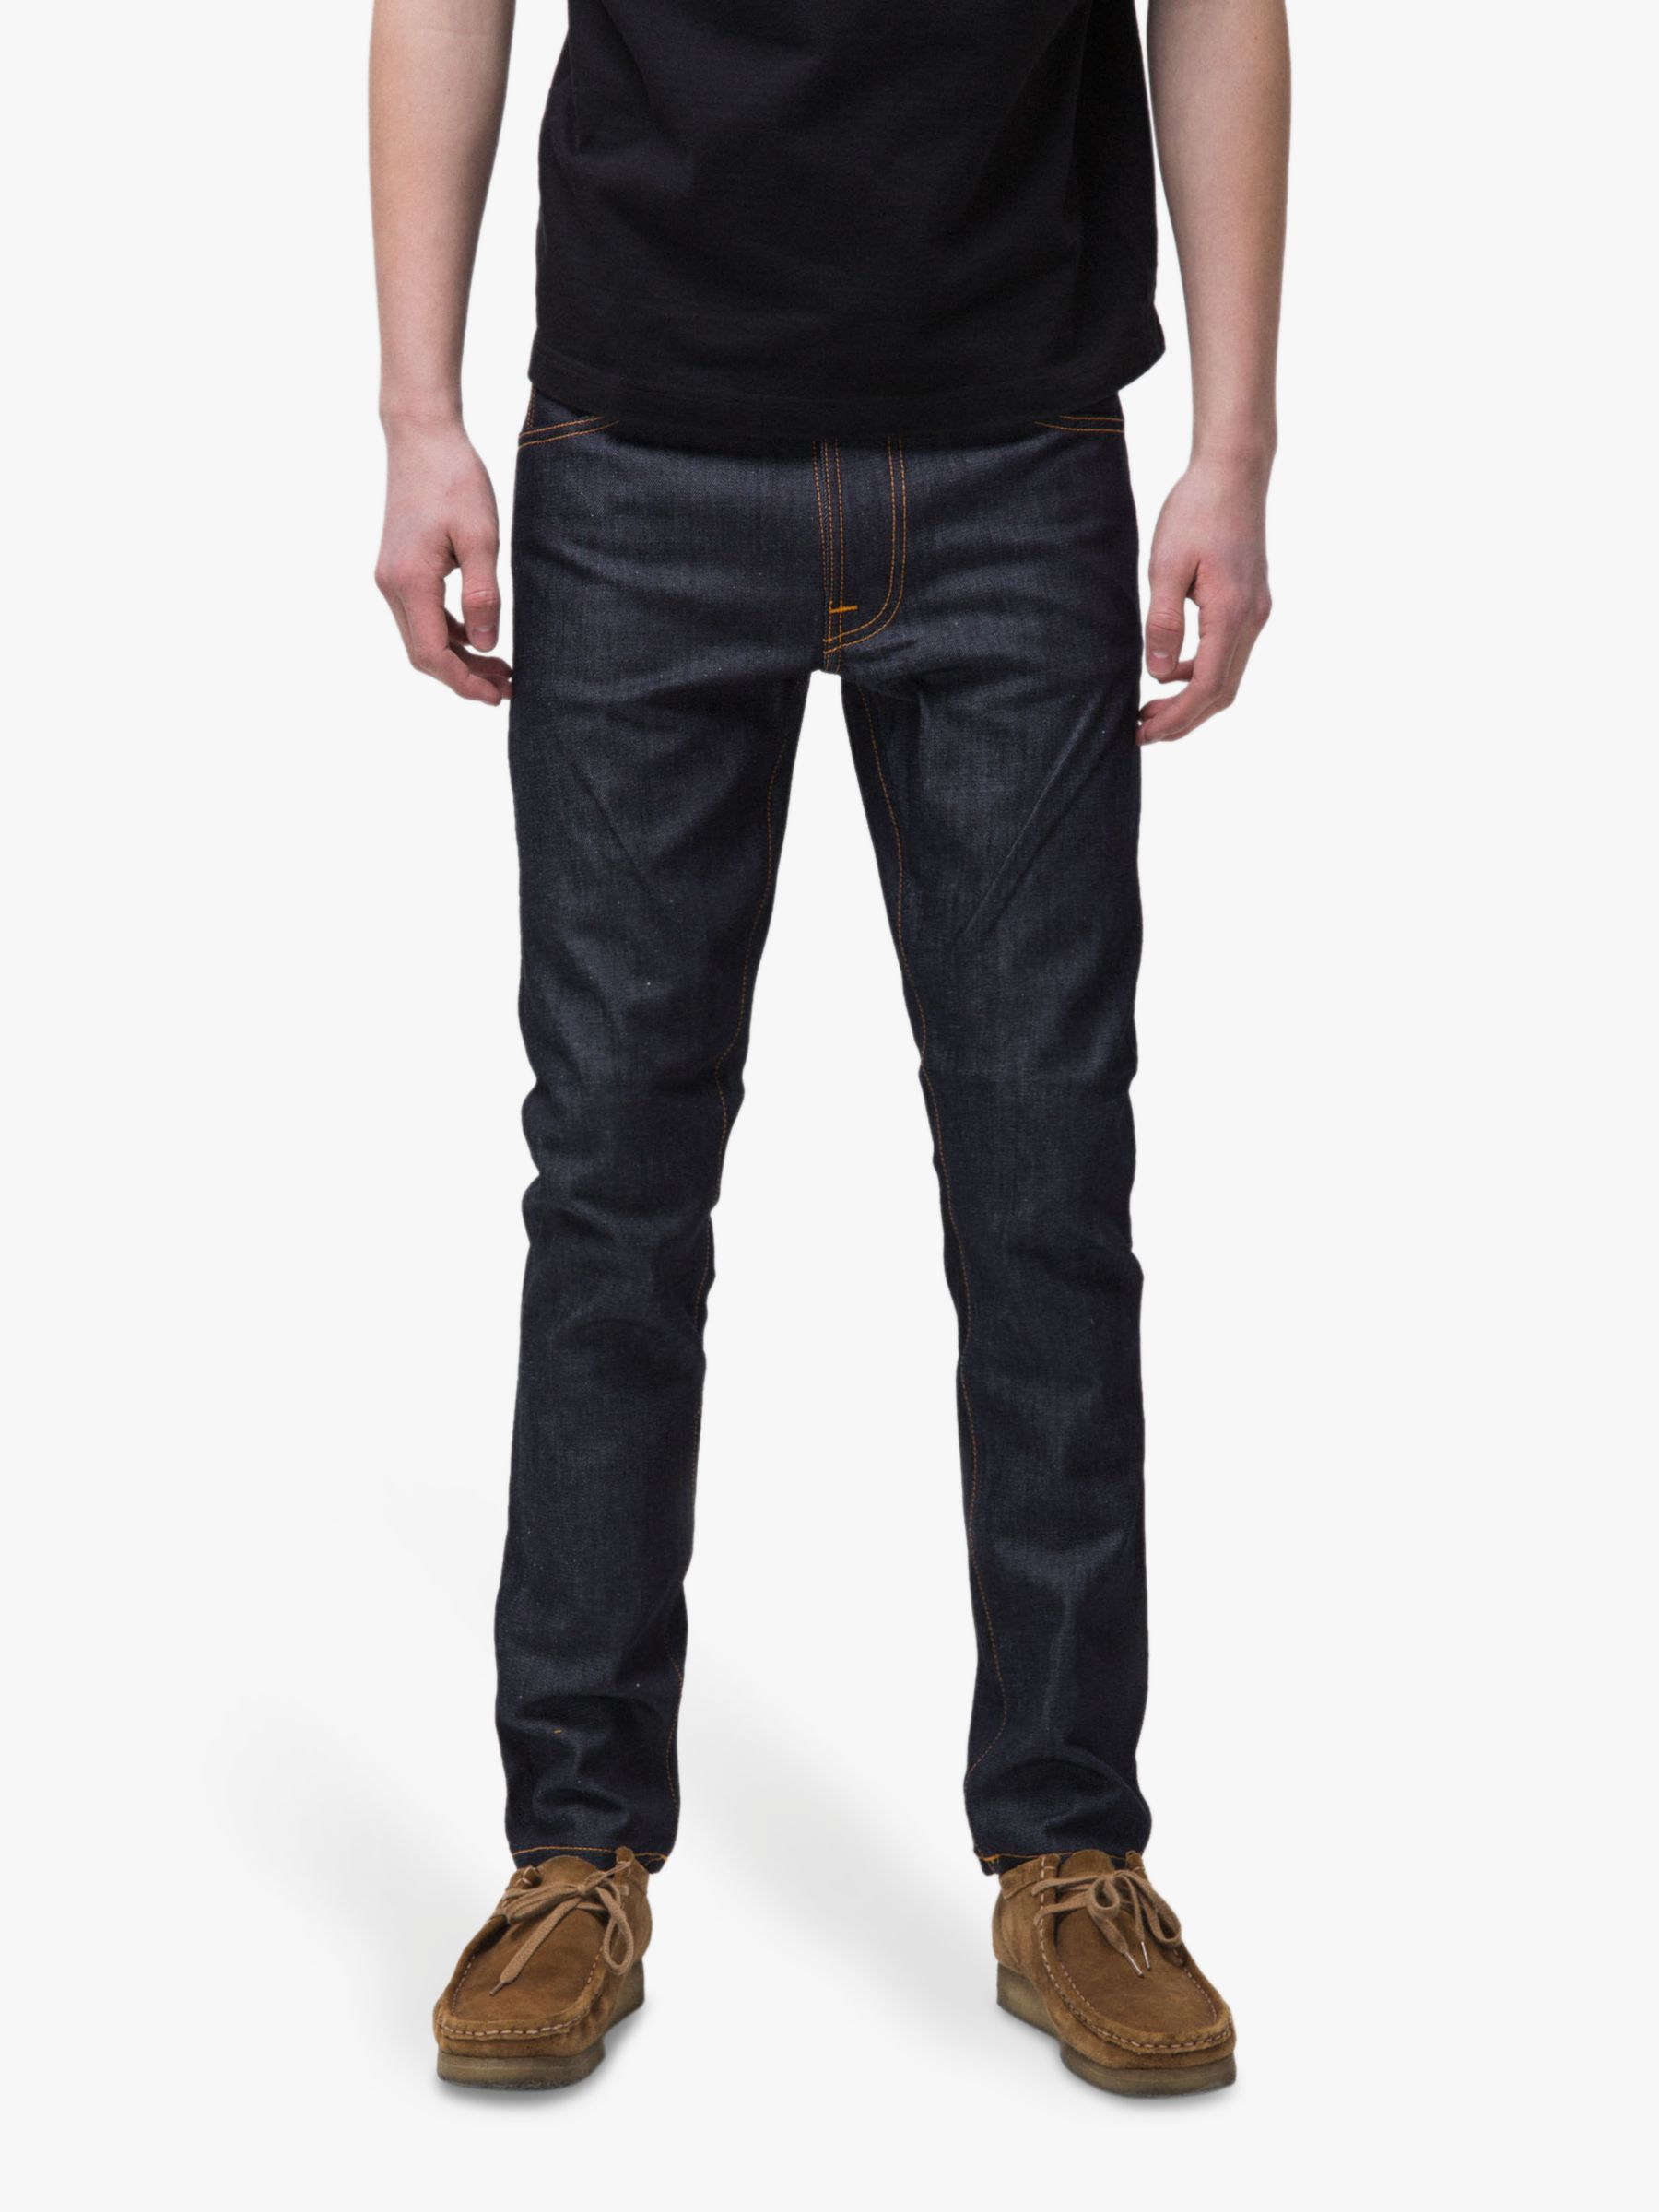 Nudie Jeans Nudie Jeans Slim Lean Dean Jeans, Dry 16 Dips